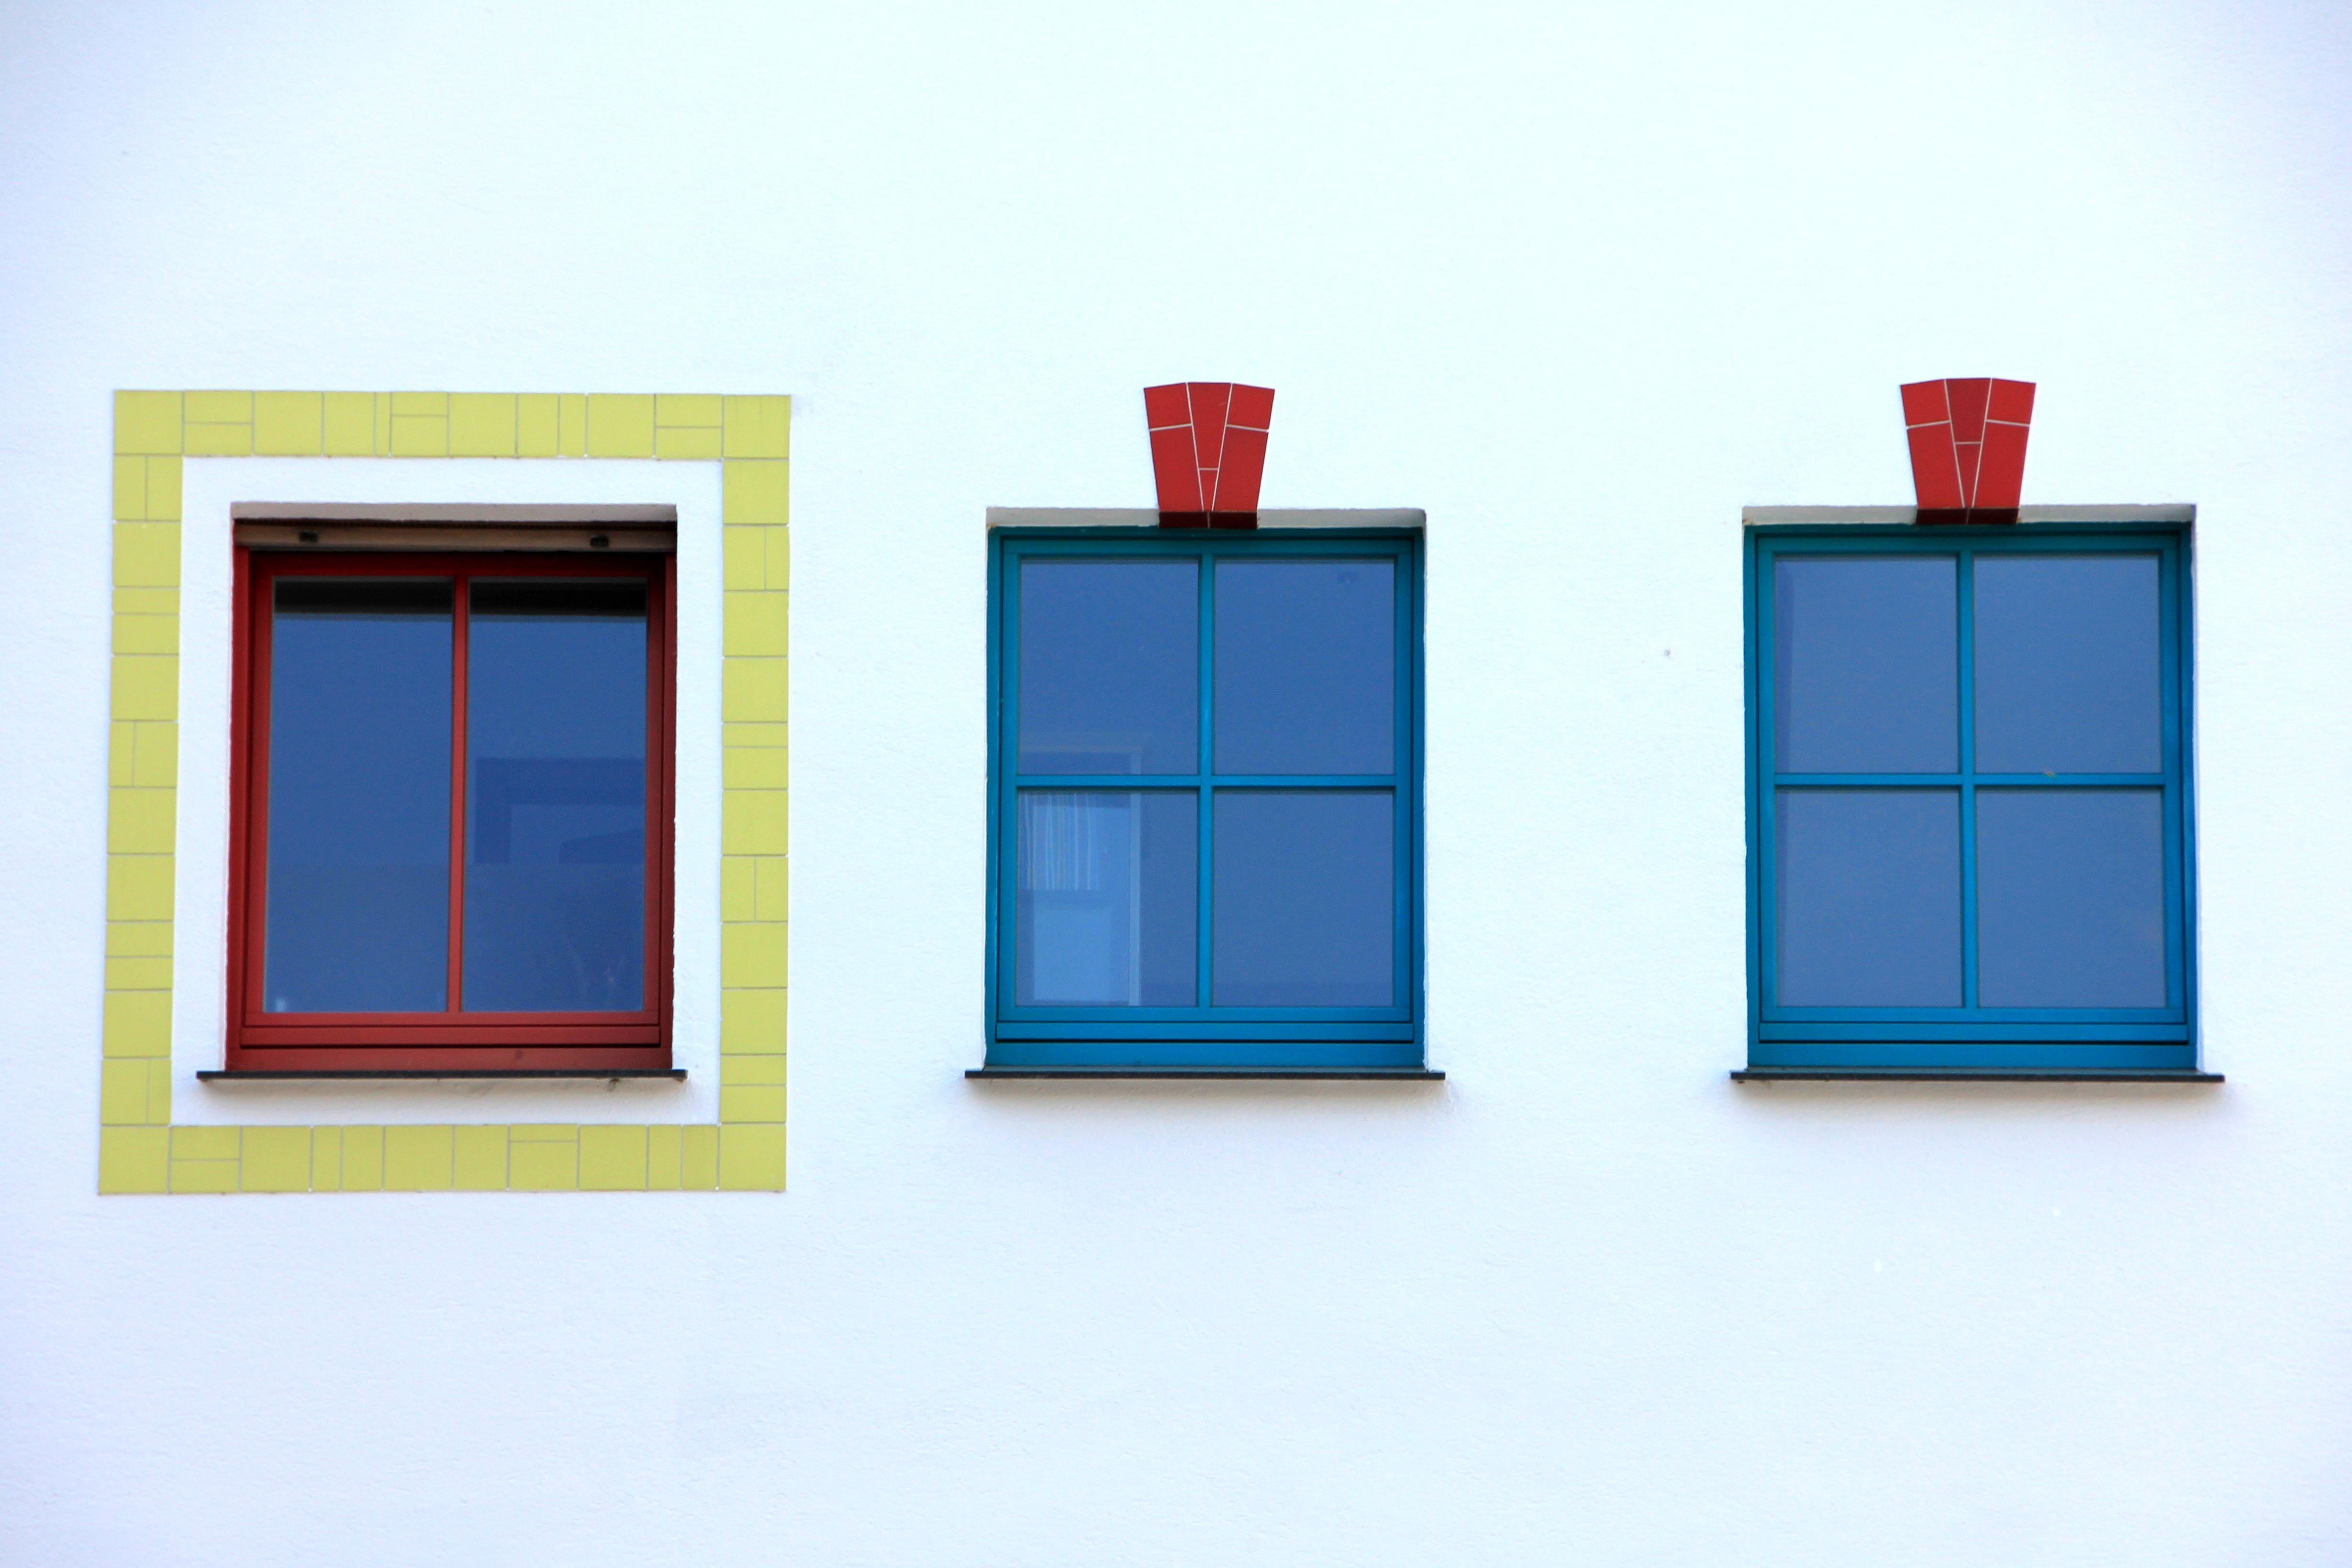 Kostenlose foto : Fenster, Zuhause, rot, Farbe, Rahmen, blau, bunt ...